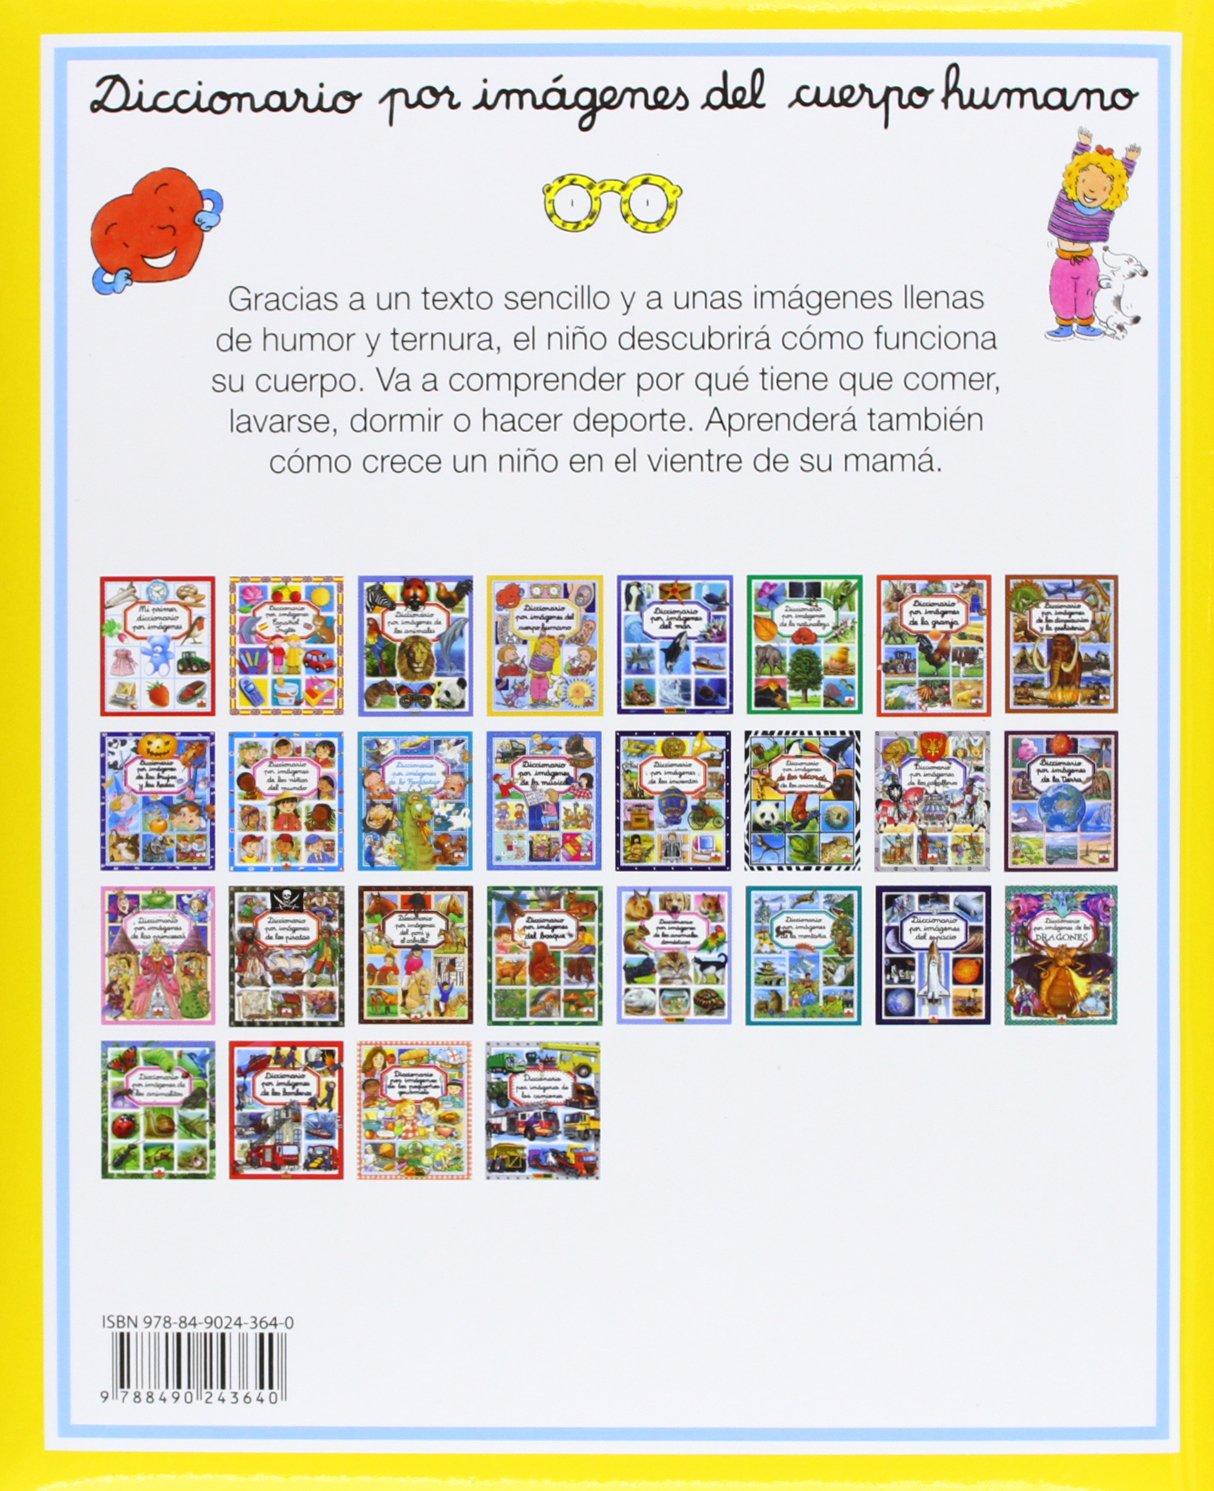 Diccionario Por Imágenes Del Cuerpo Humano: Amazon.es: Vv.Aa.: Libros